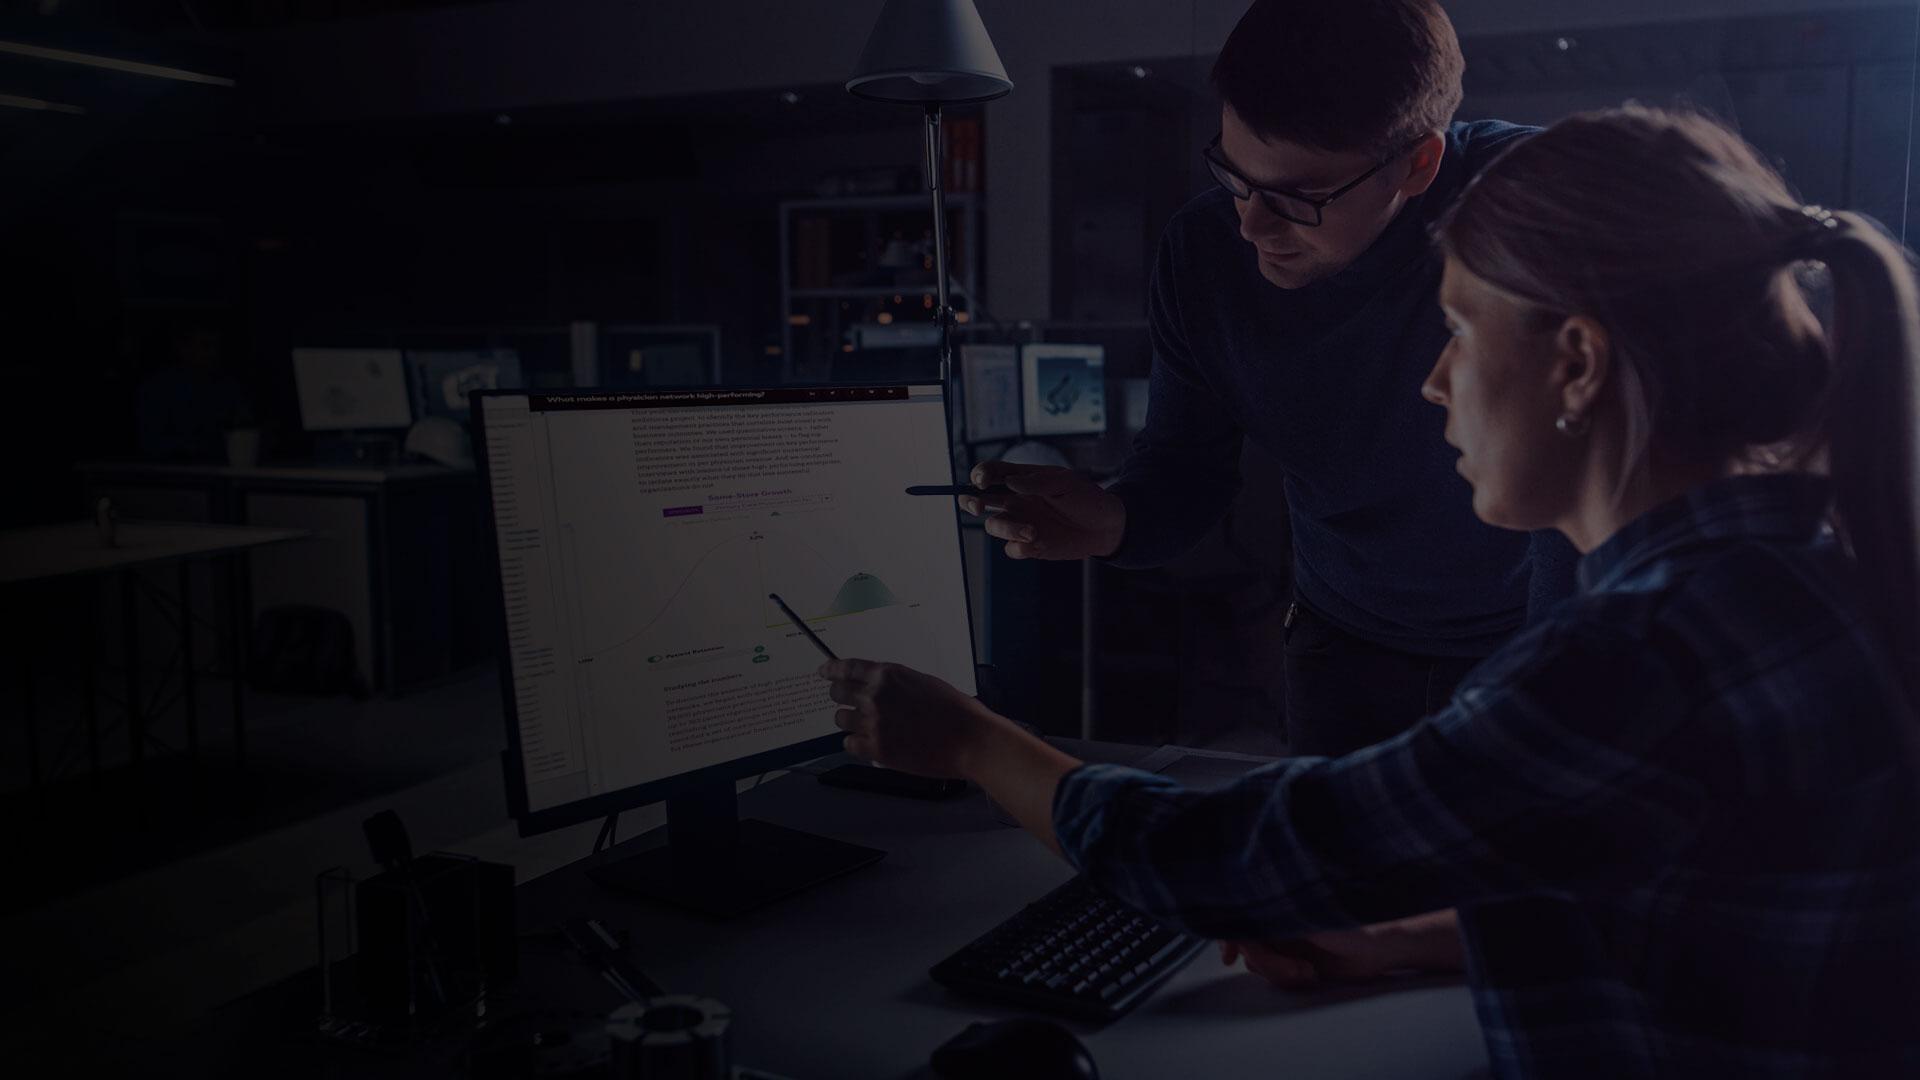 Корпоративная визуализация данных на базе Tableau BI